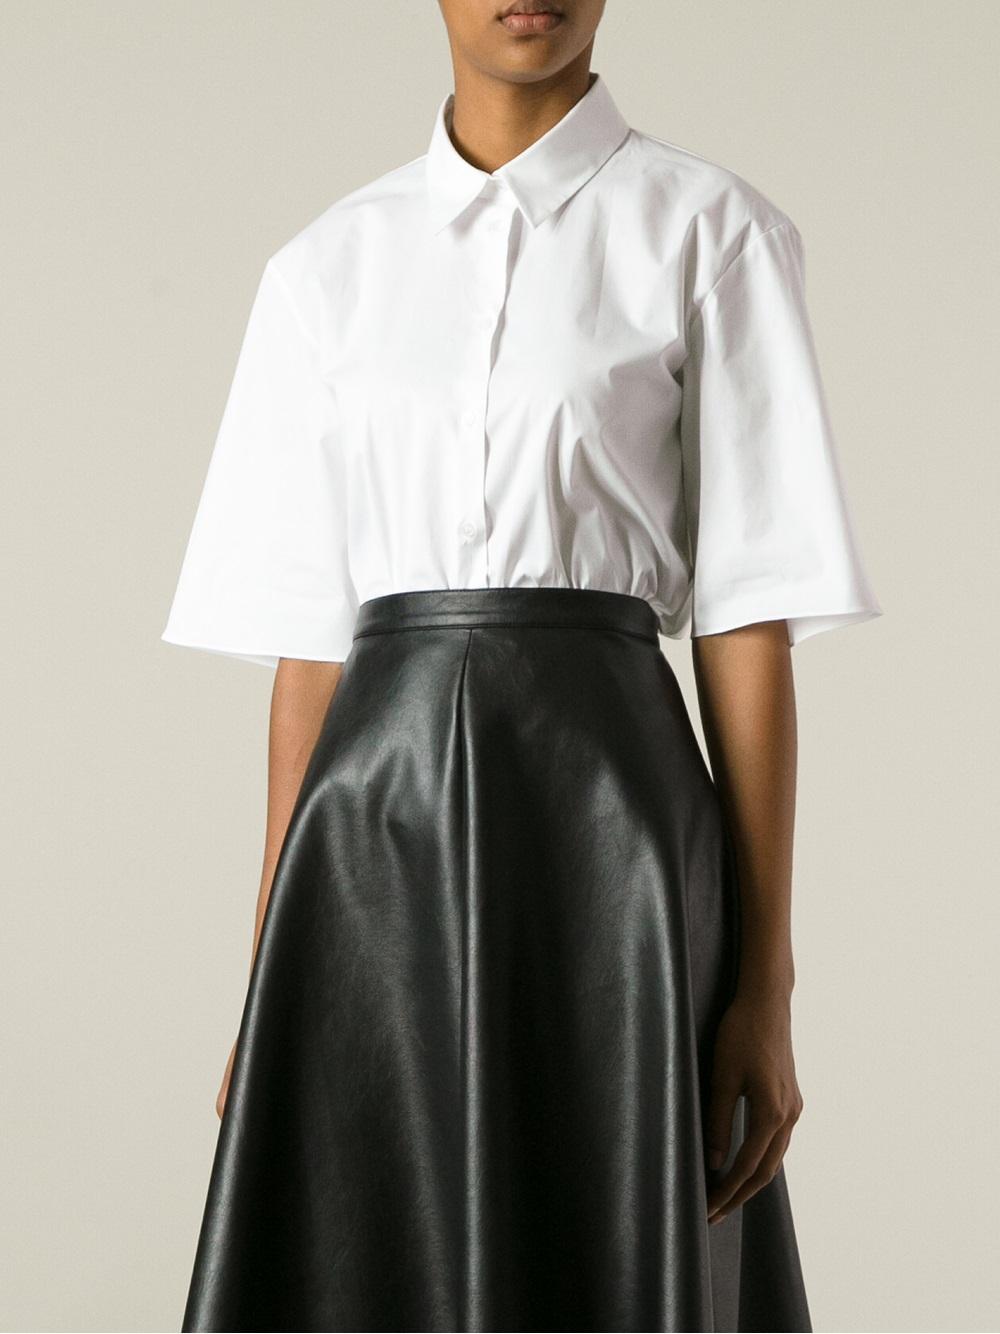 Lyst jil sander navy wide sleeve shirt in white for White military dress shirt